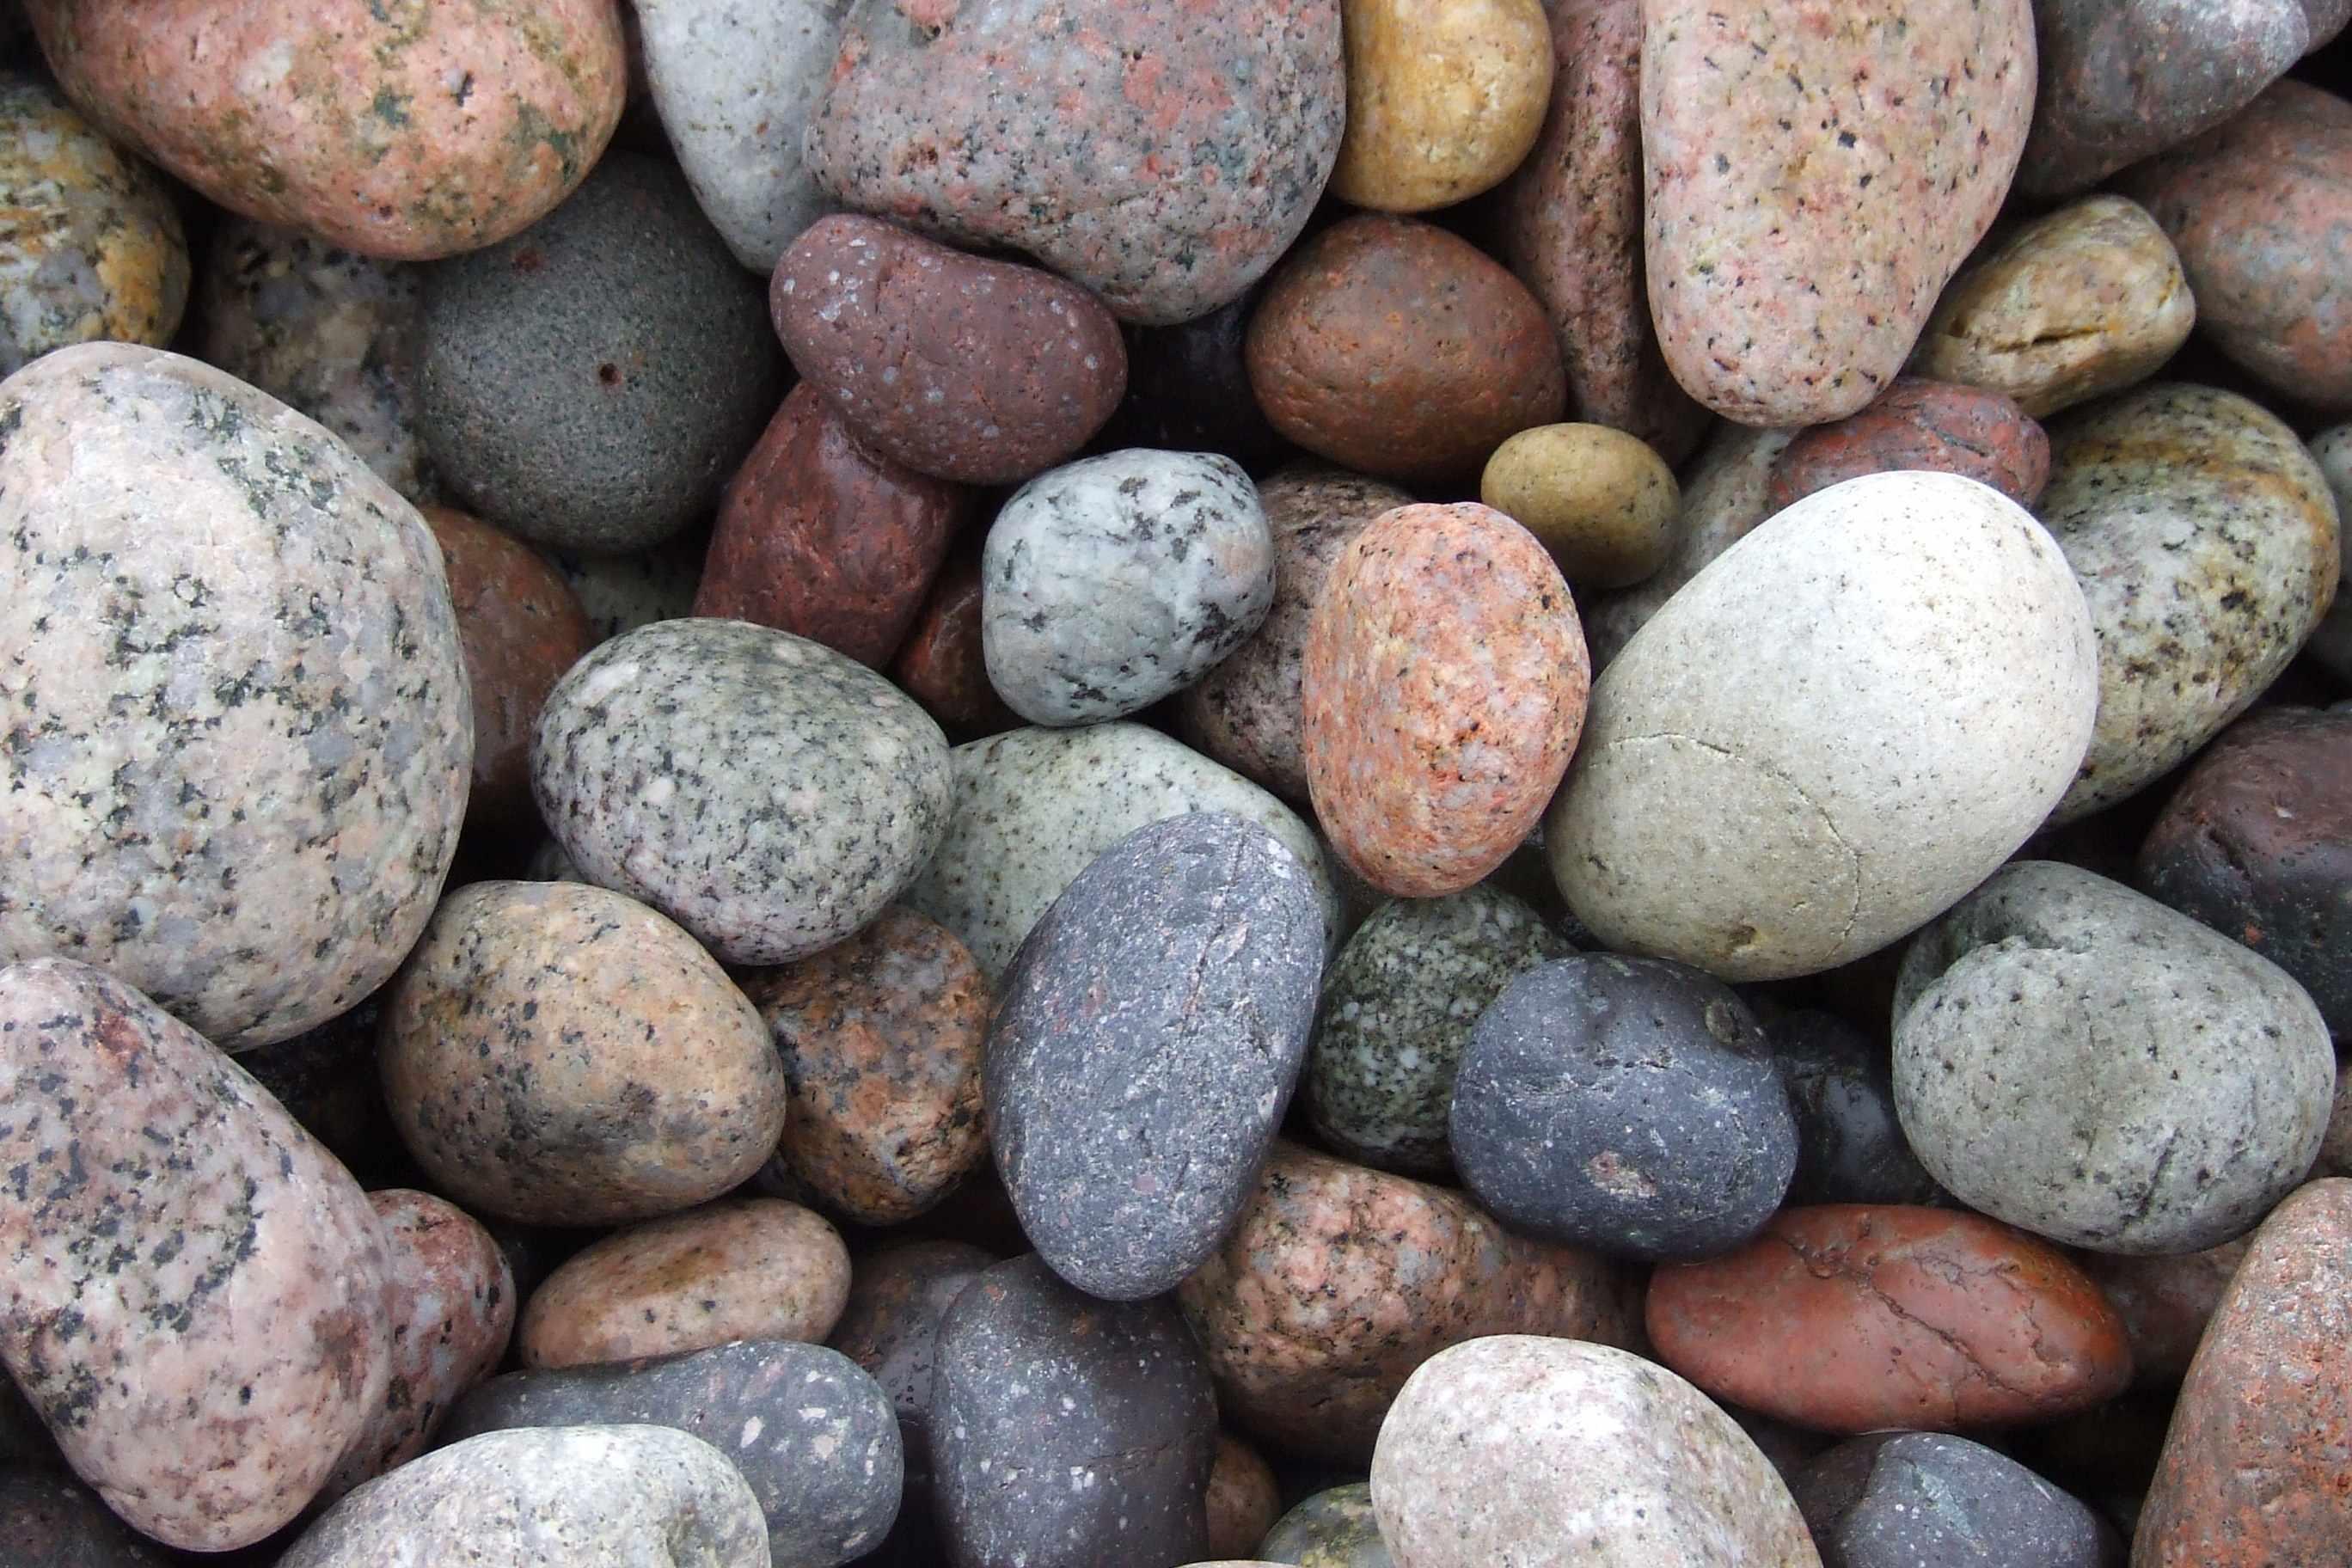 بالصور انواع الصخور , بالفيديو شاهد اسرار جديدة من باطن الارض عن انواع الصخور 1979 2